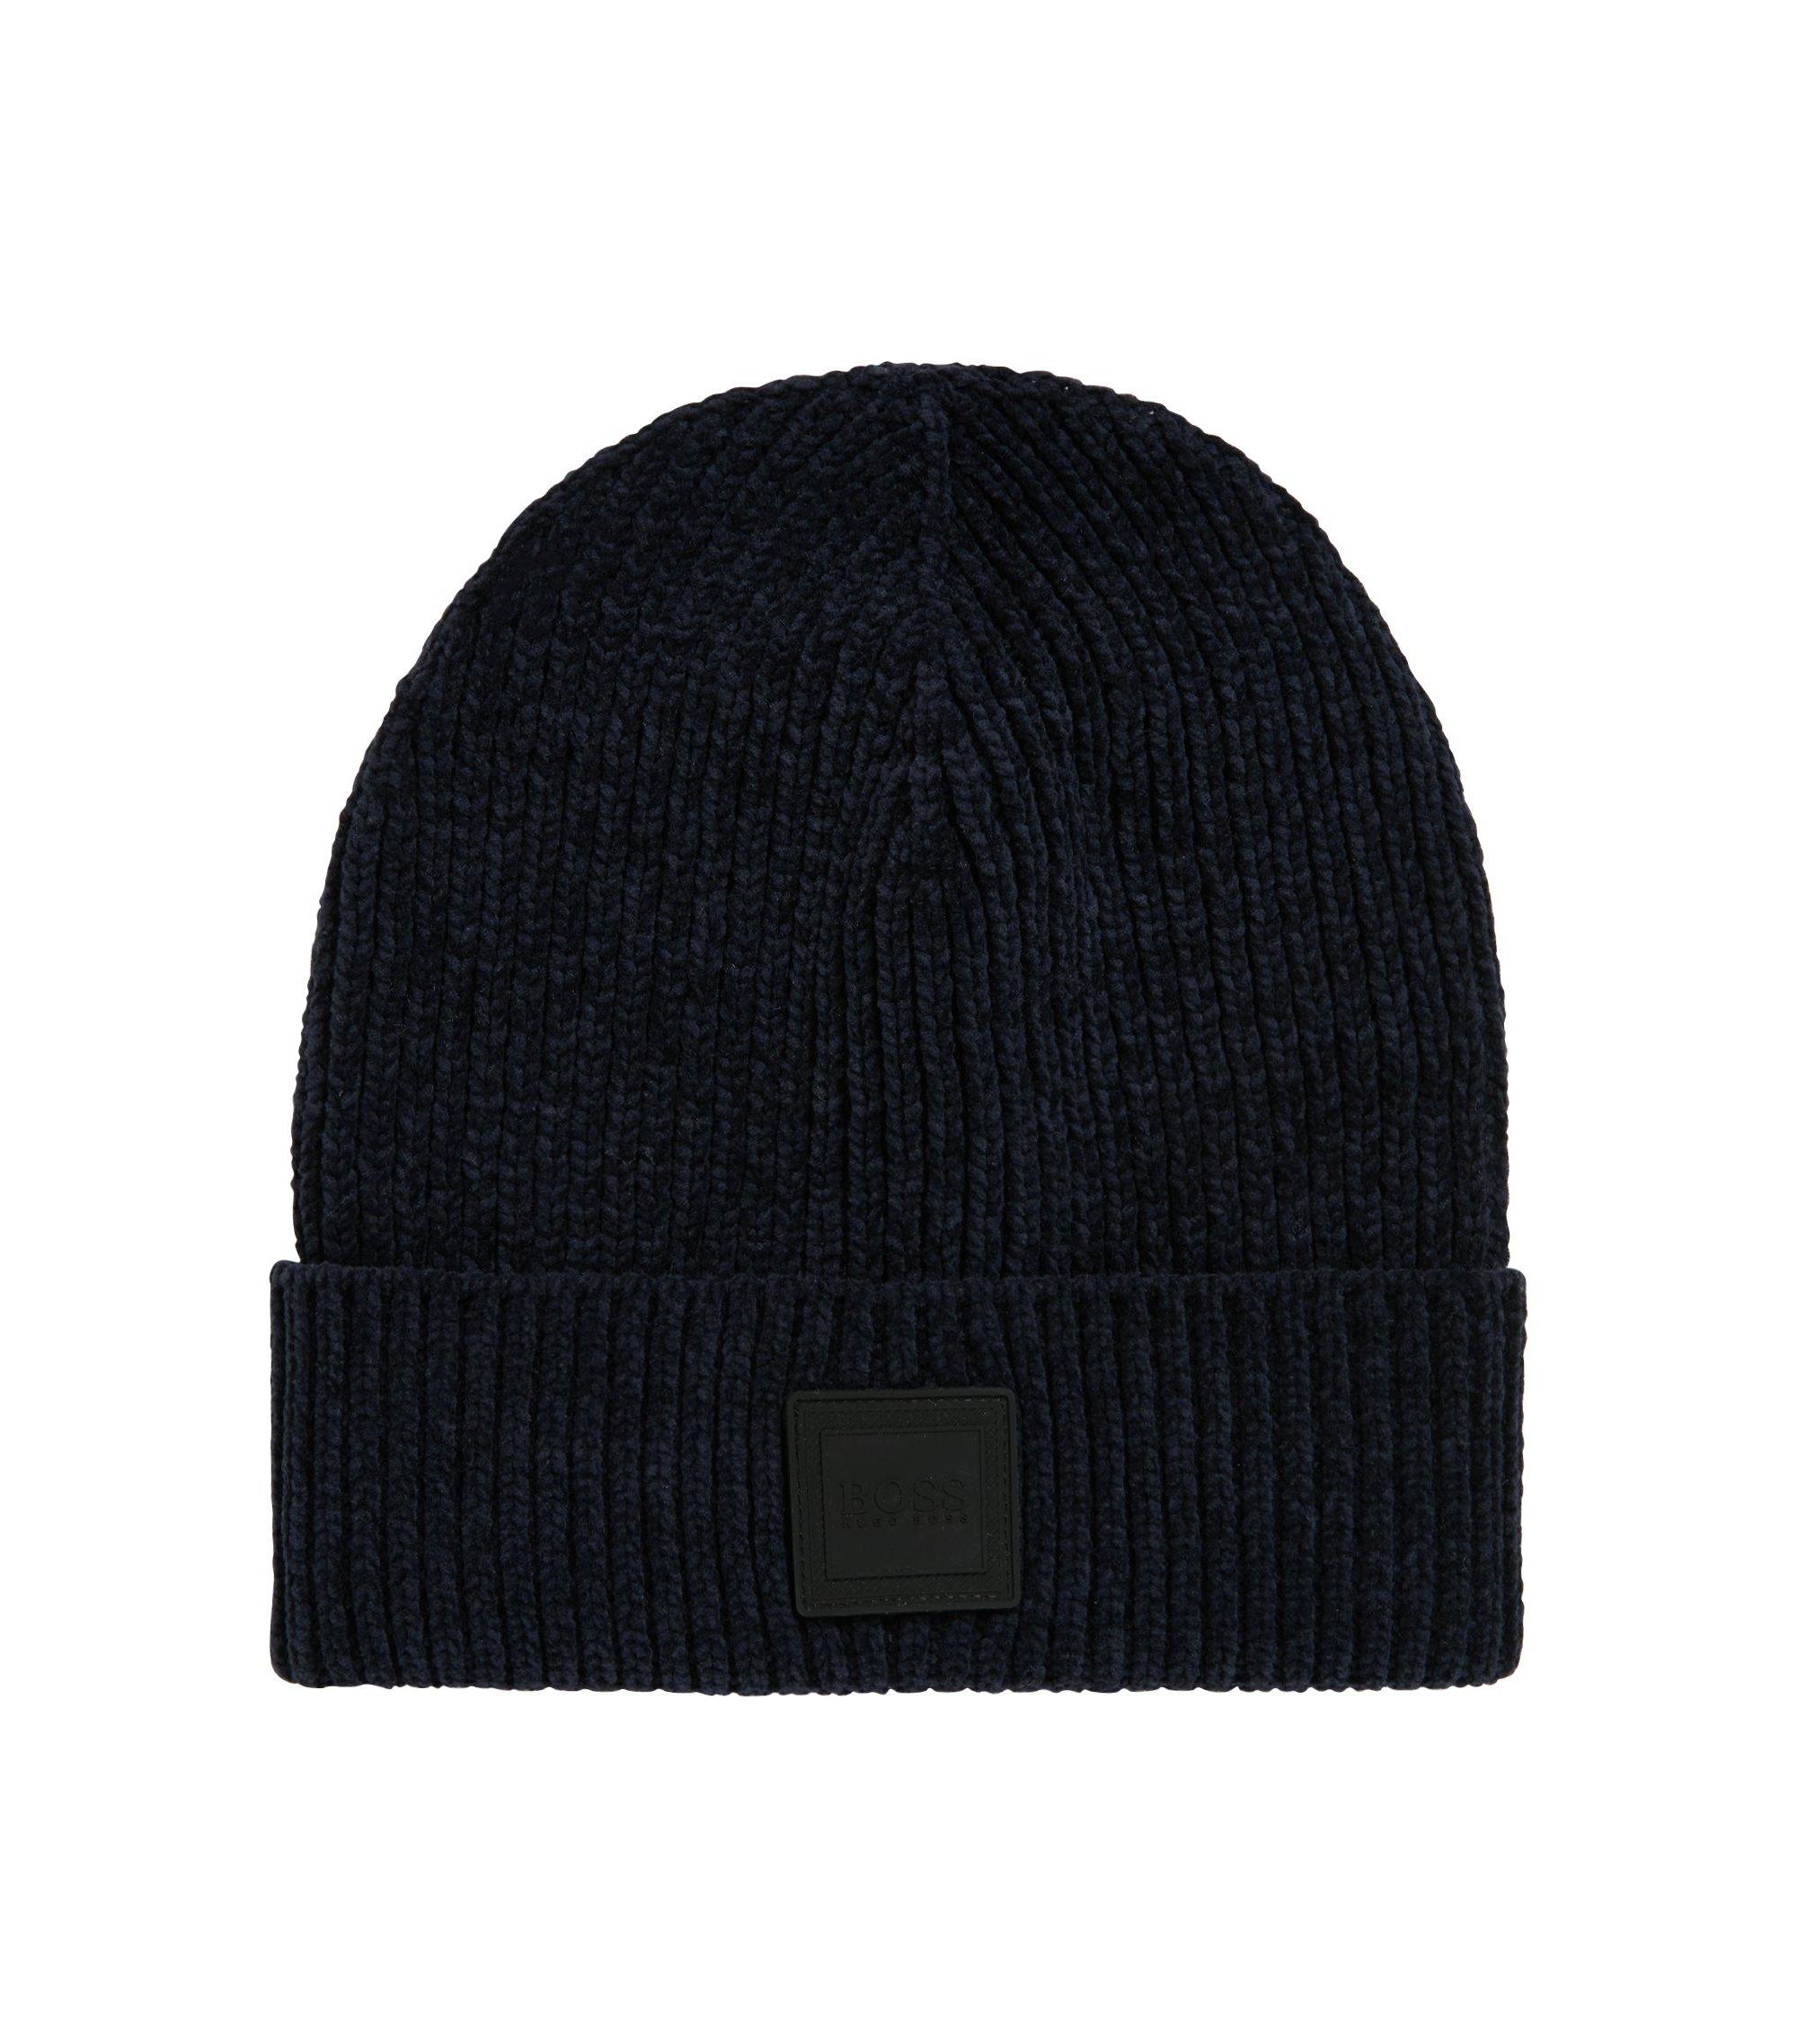 Mütze aus Baumwoll-Chenille mit quadratischem Silikon-Aufnäher, Dunkelblau